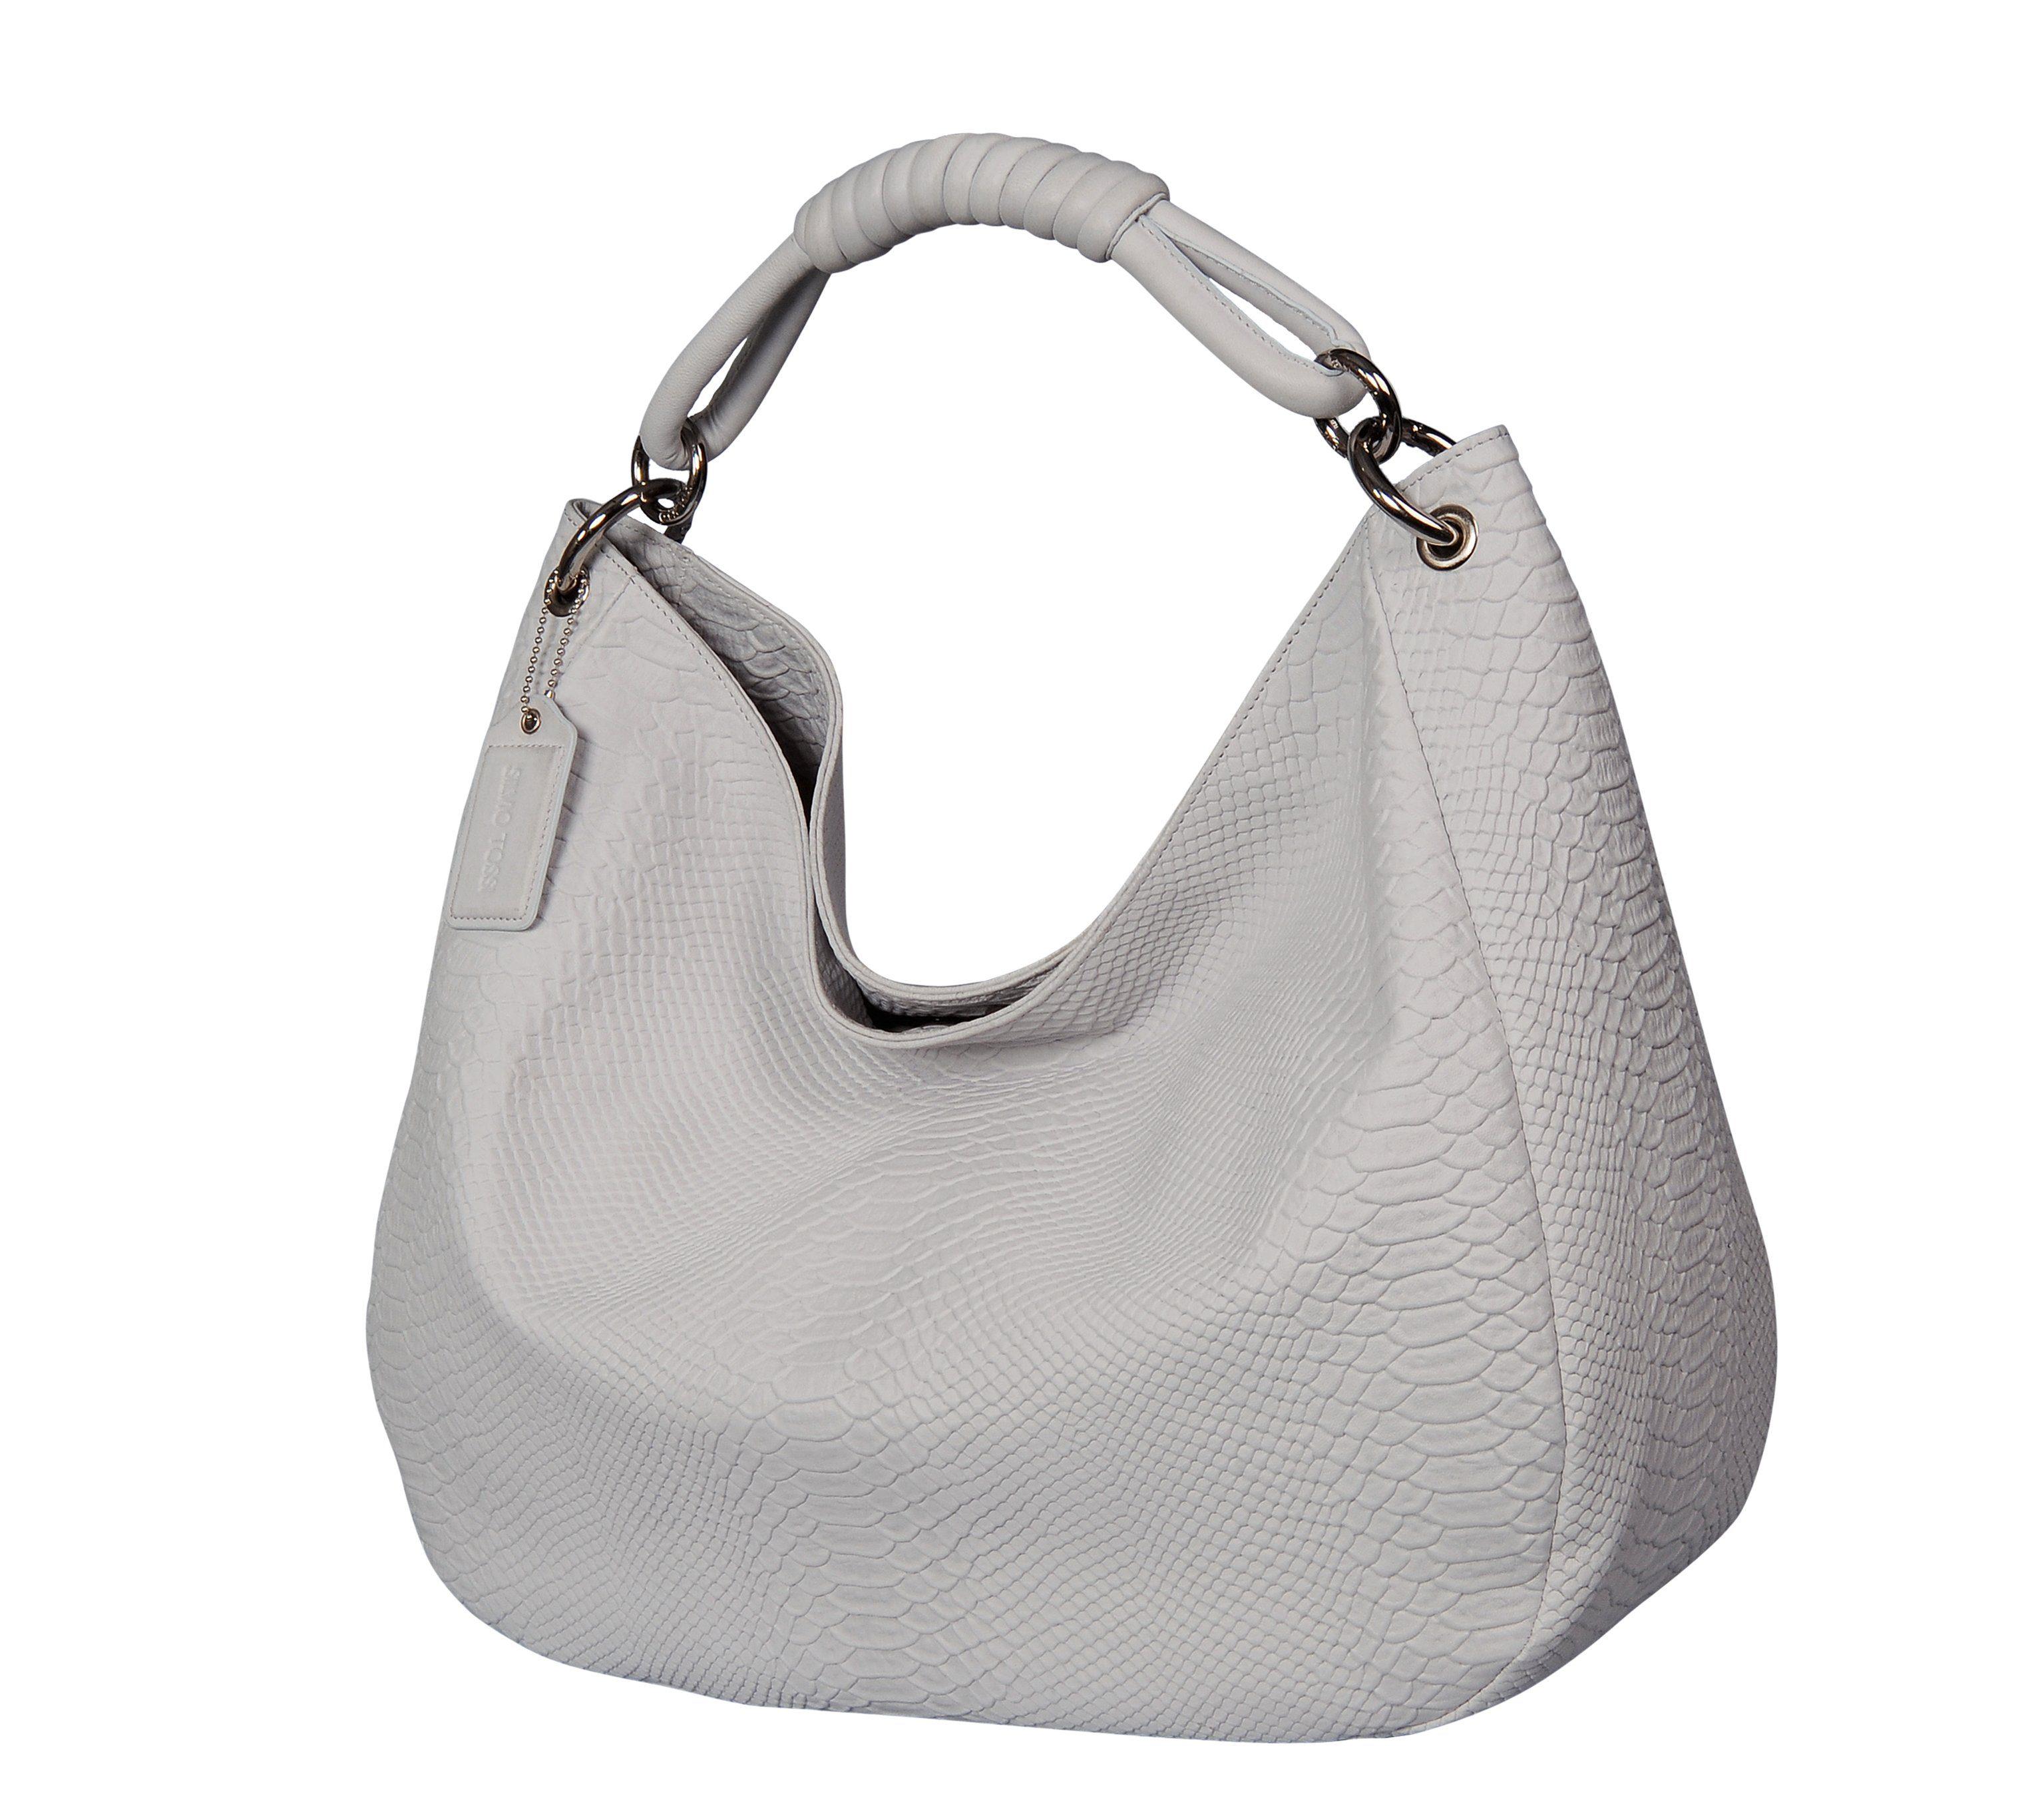 Handtasche 34 Kaufen 6011135999 t Online Tossi 42 Artikel Größe B nr 17 X In Silvio Cm h ca 6wPqFFB